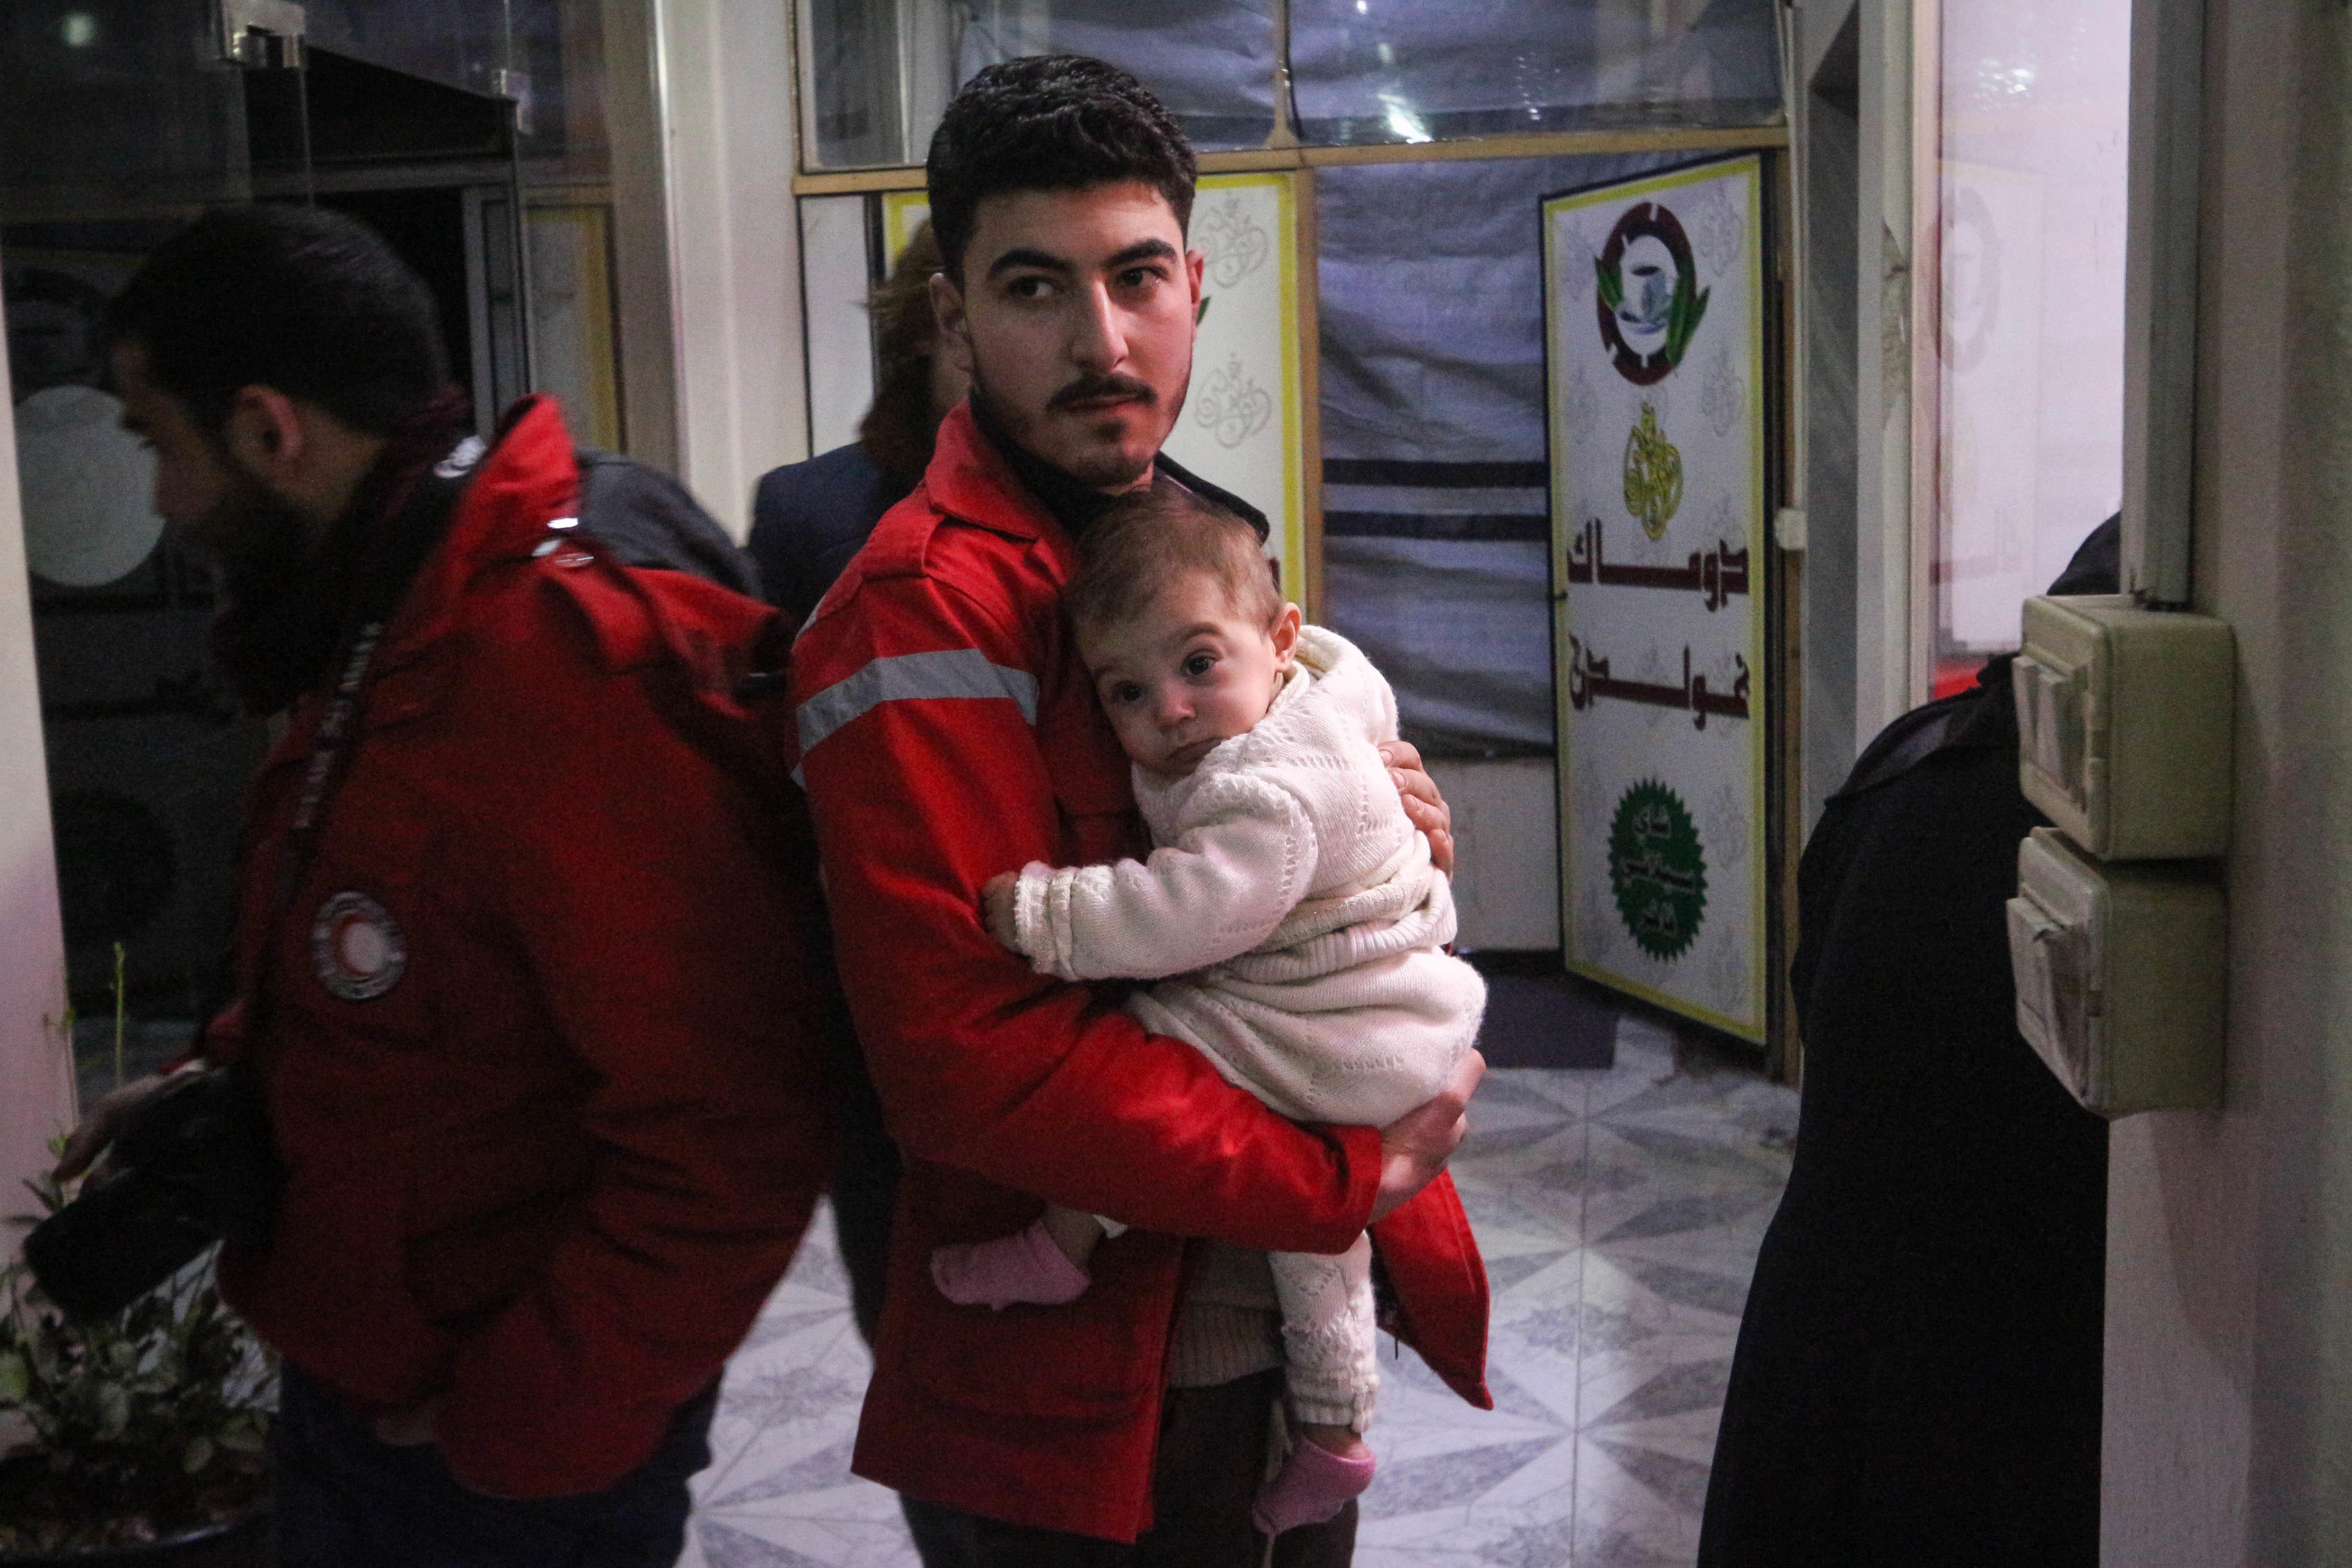 Συρία: Συμφωνία για την αποχώρηση της ανταρτικής οργάνωσης Τζάις αλ-Ισλάμ από την ανατολική